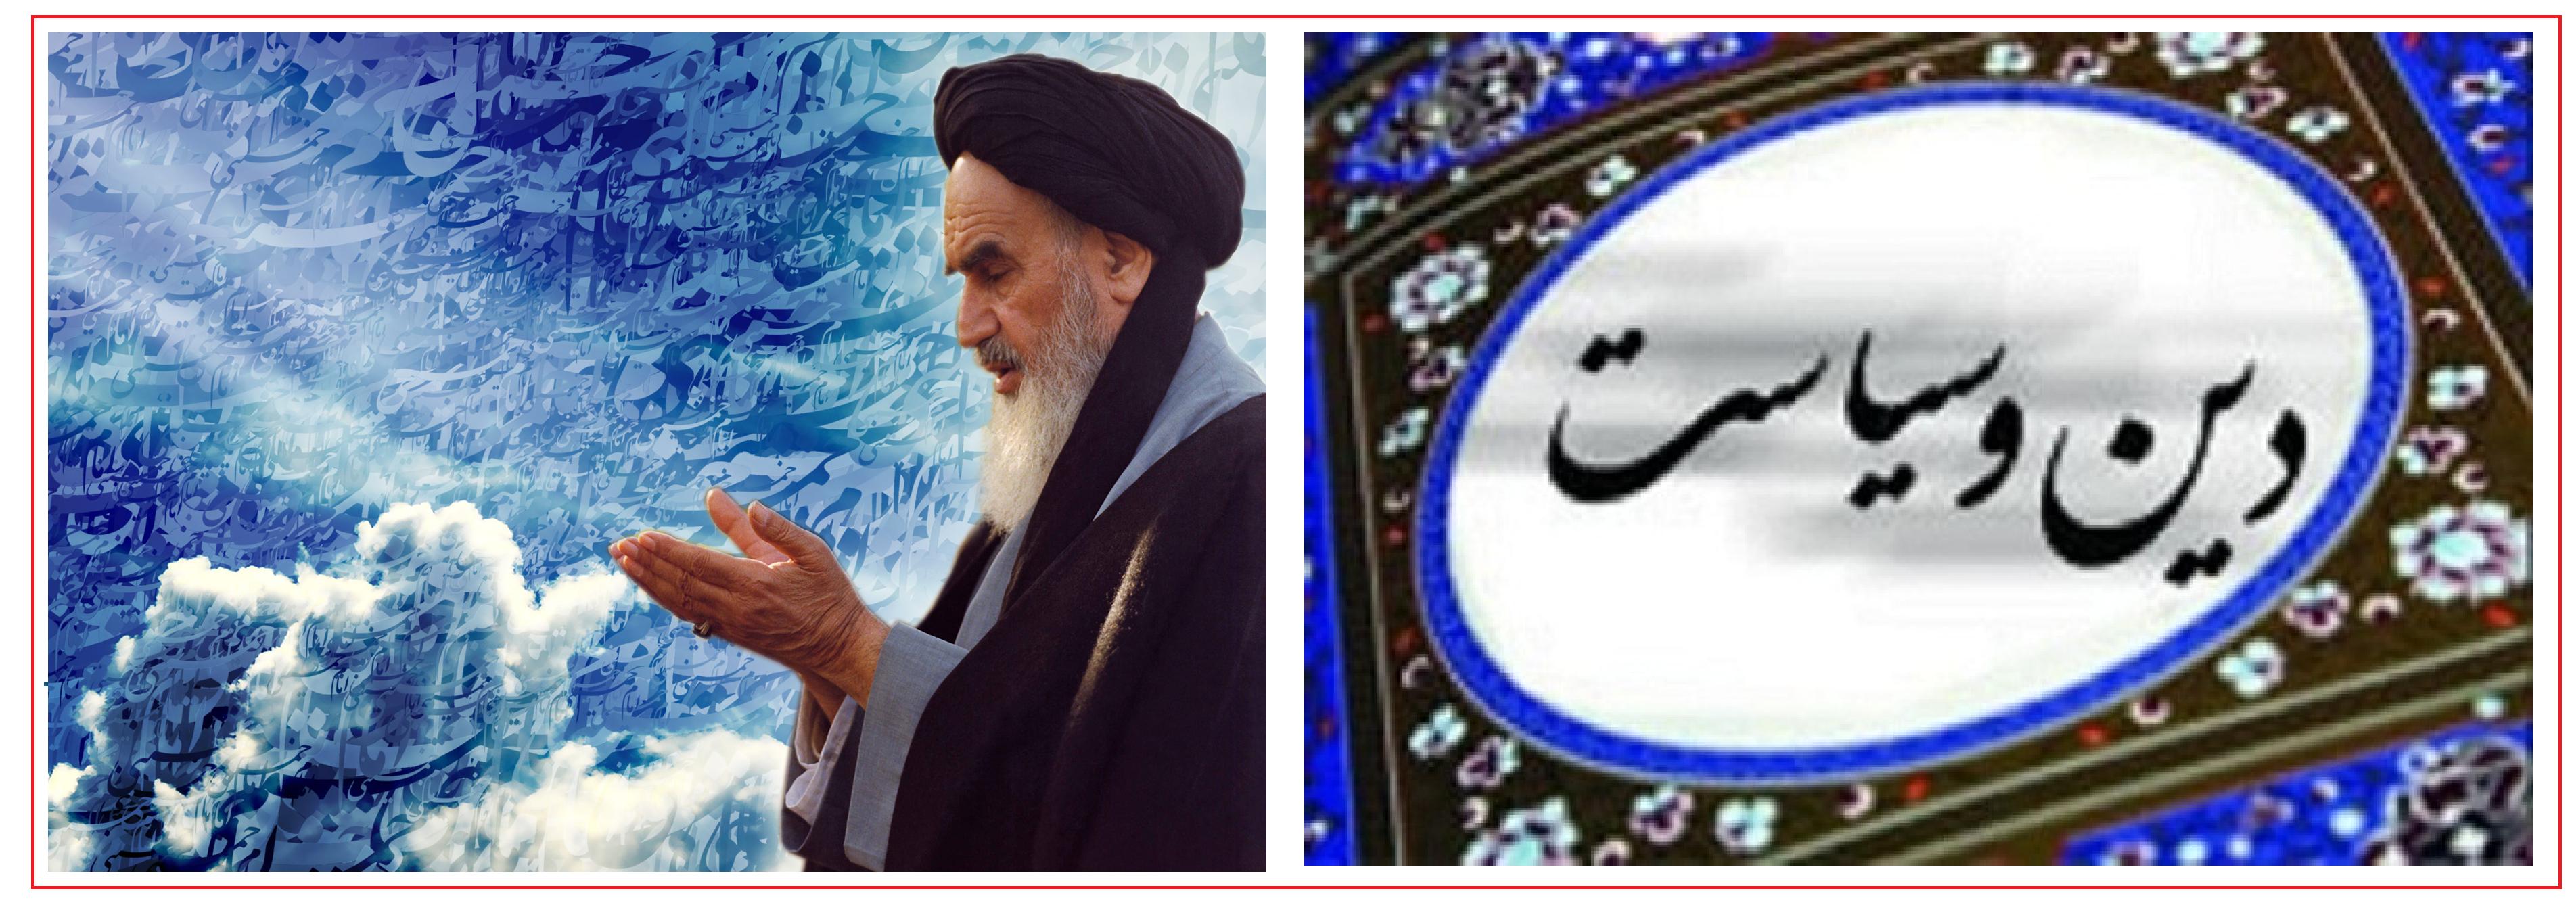 امام (ره) و توطئه ها و تهدید ها( مایوس نمودن از اسلام و جدایی دین از سیاست)